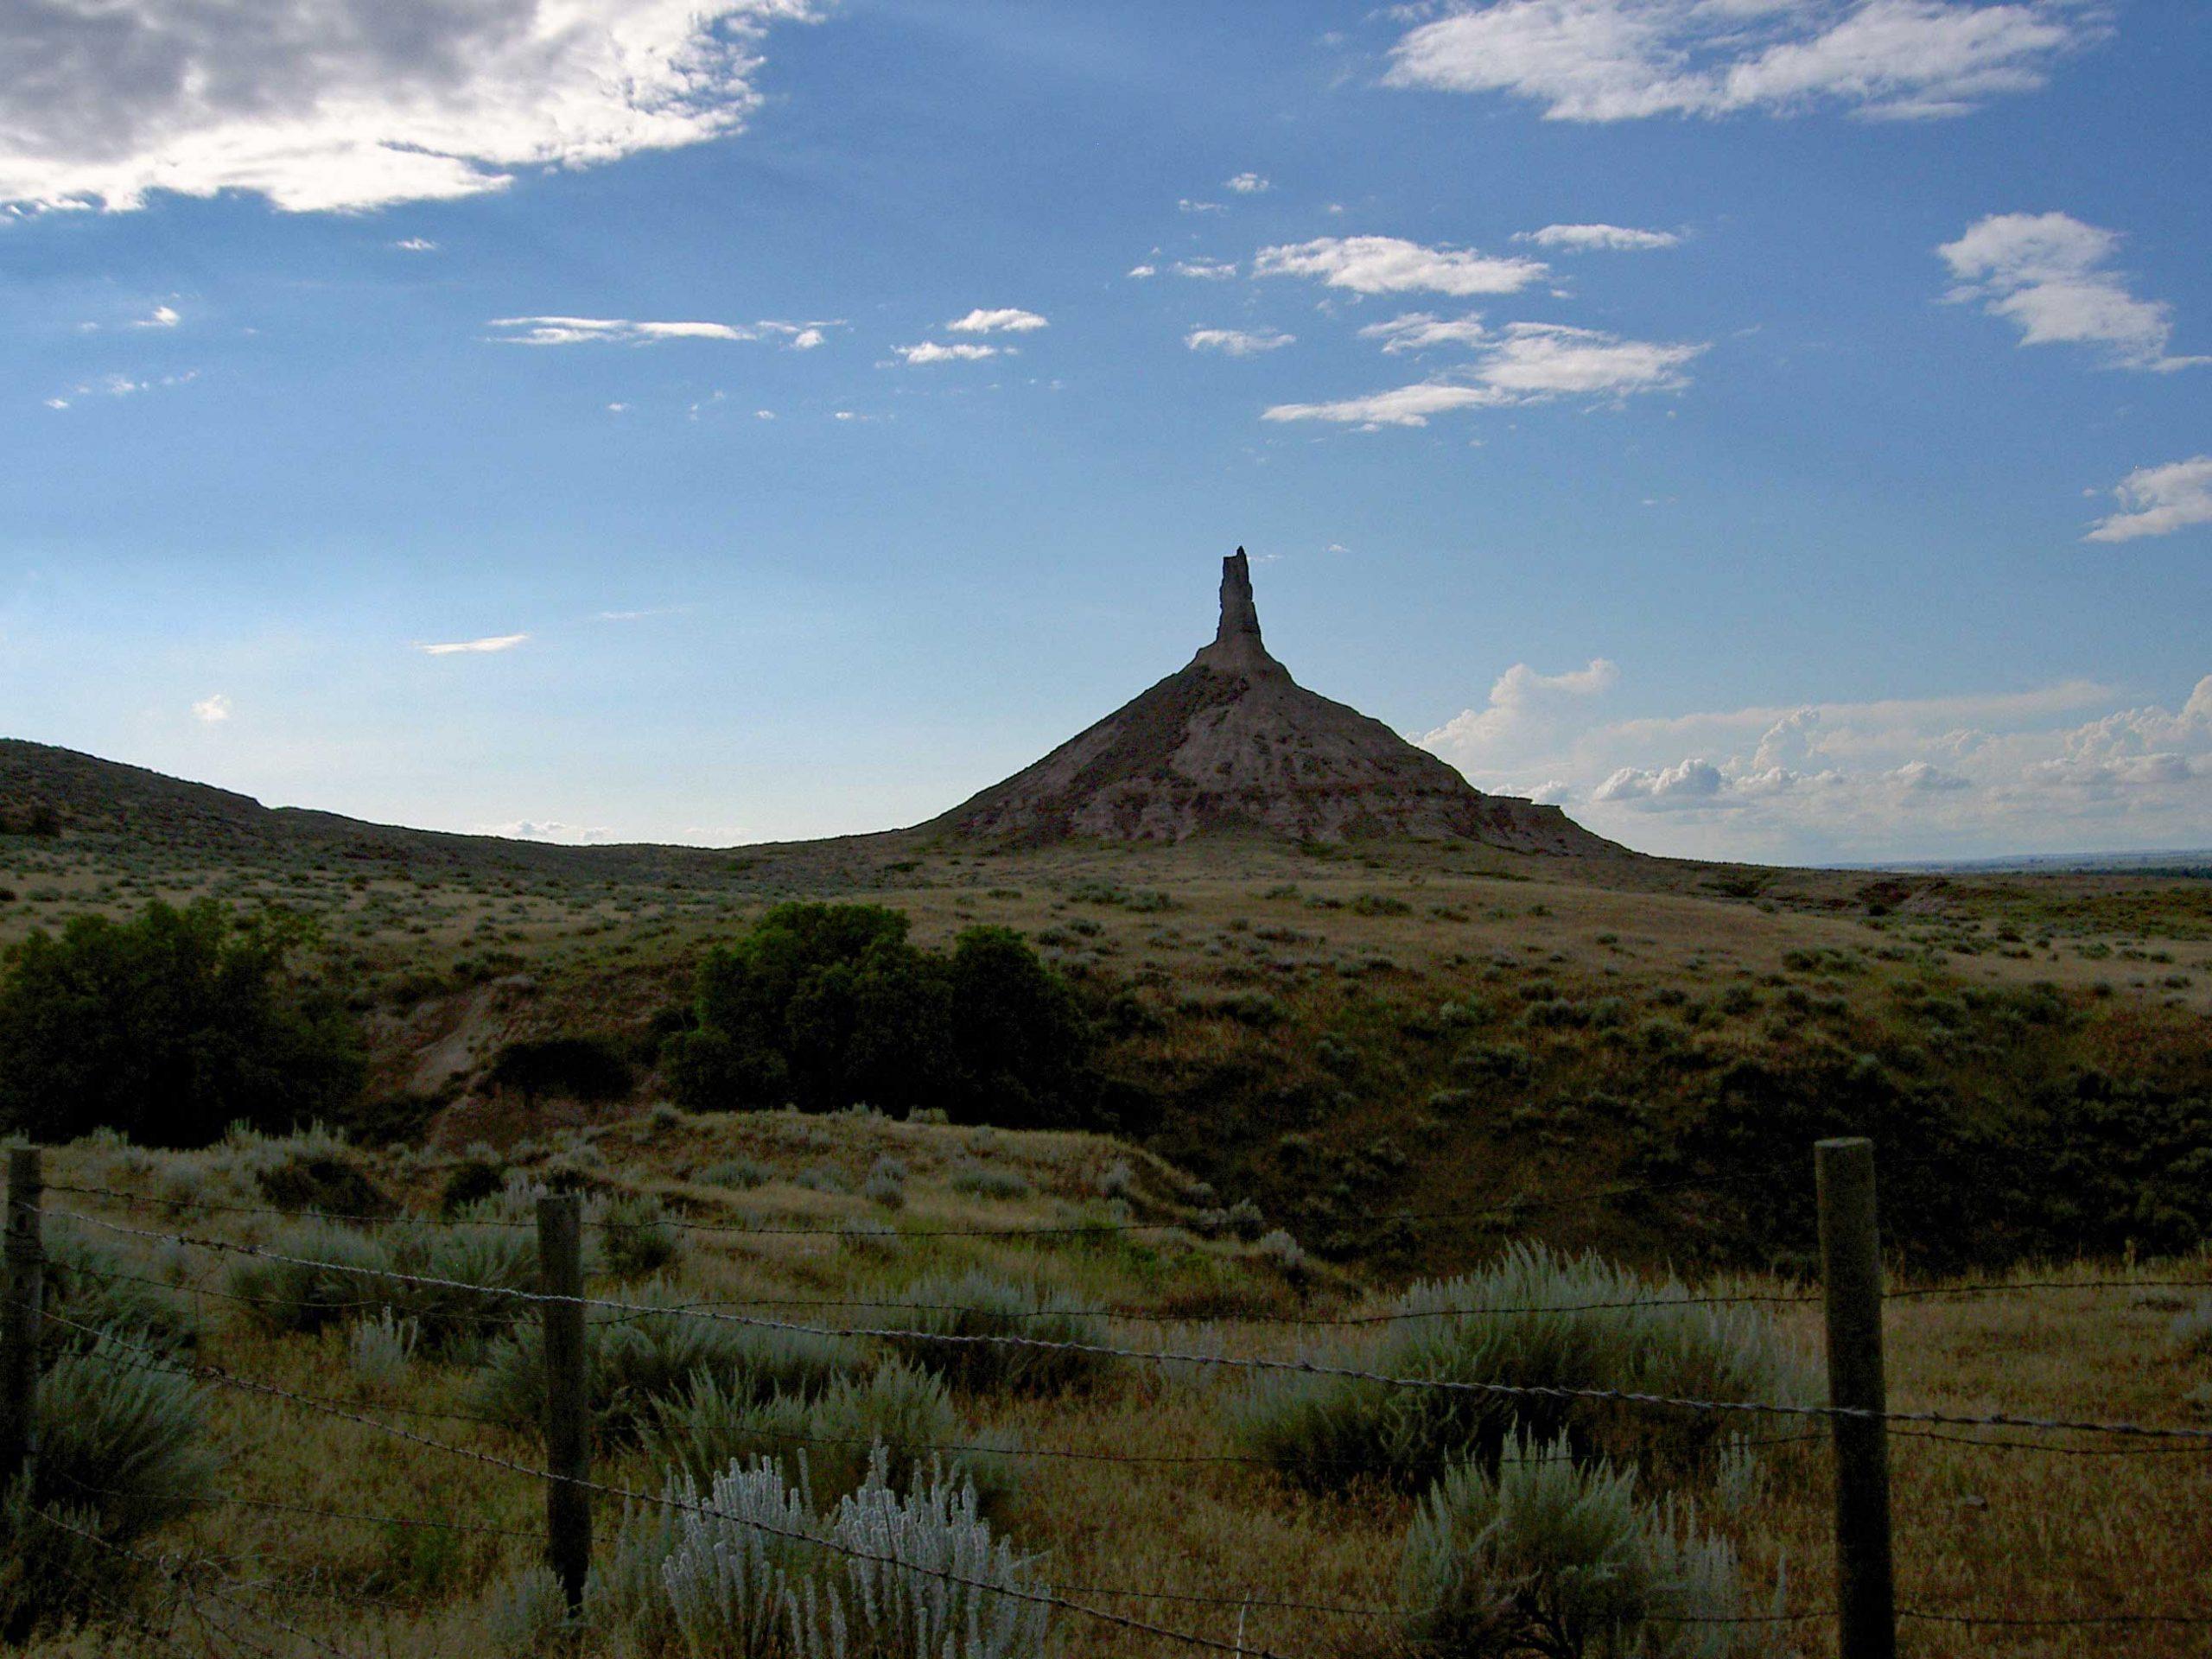 Chimney Rock in Nebraska